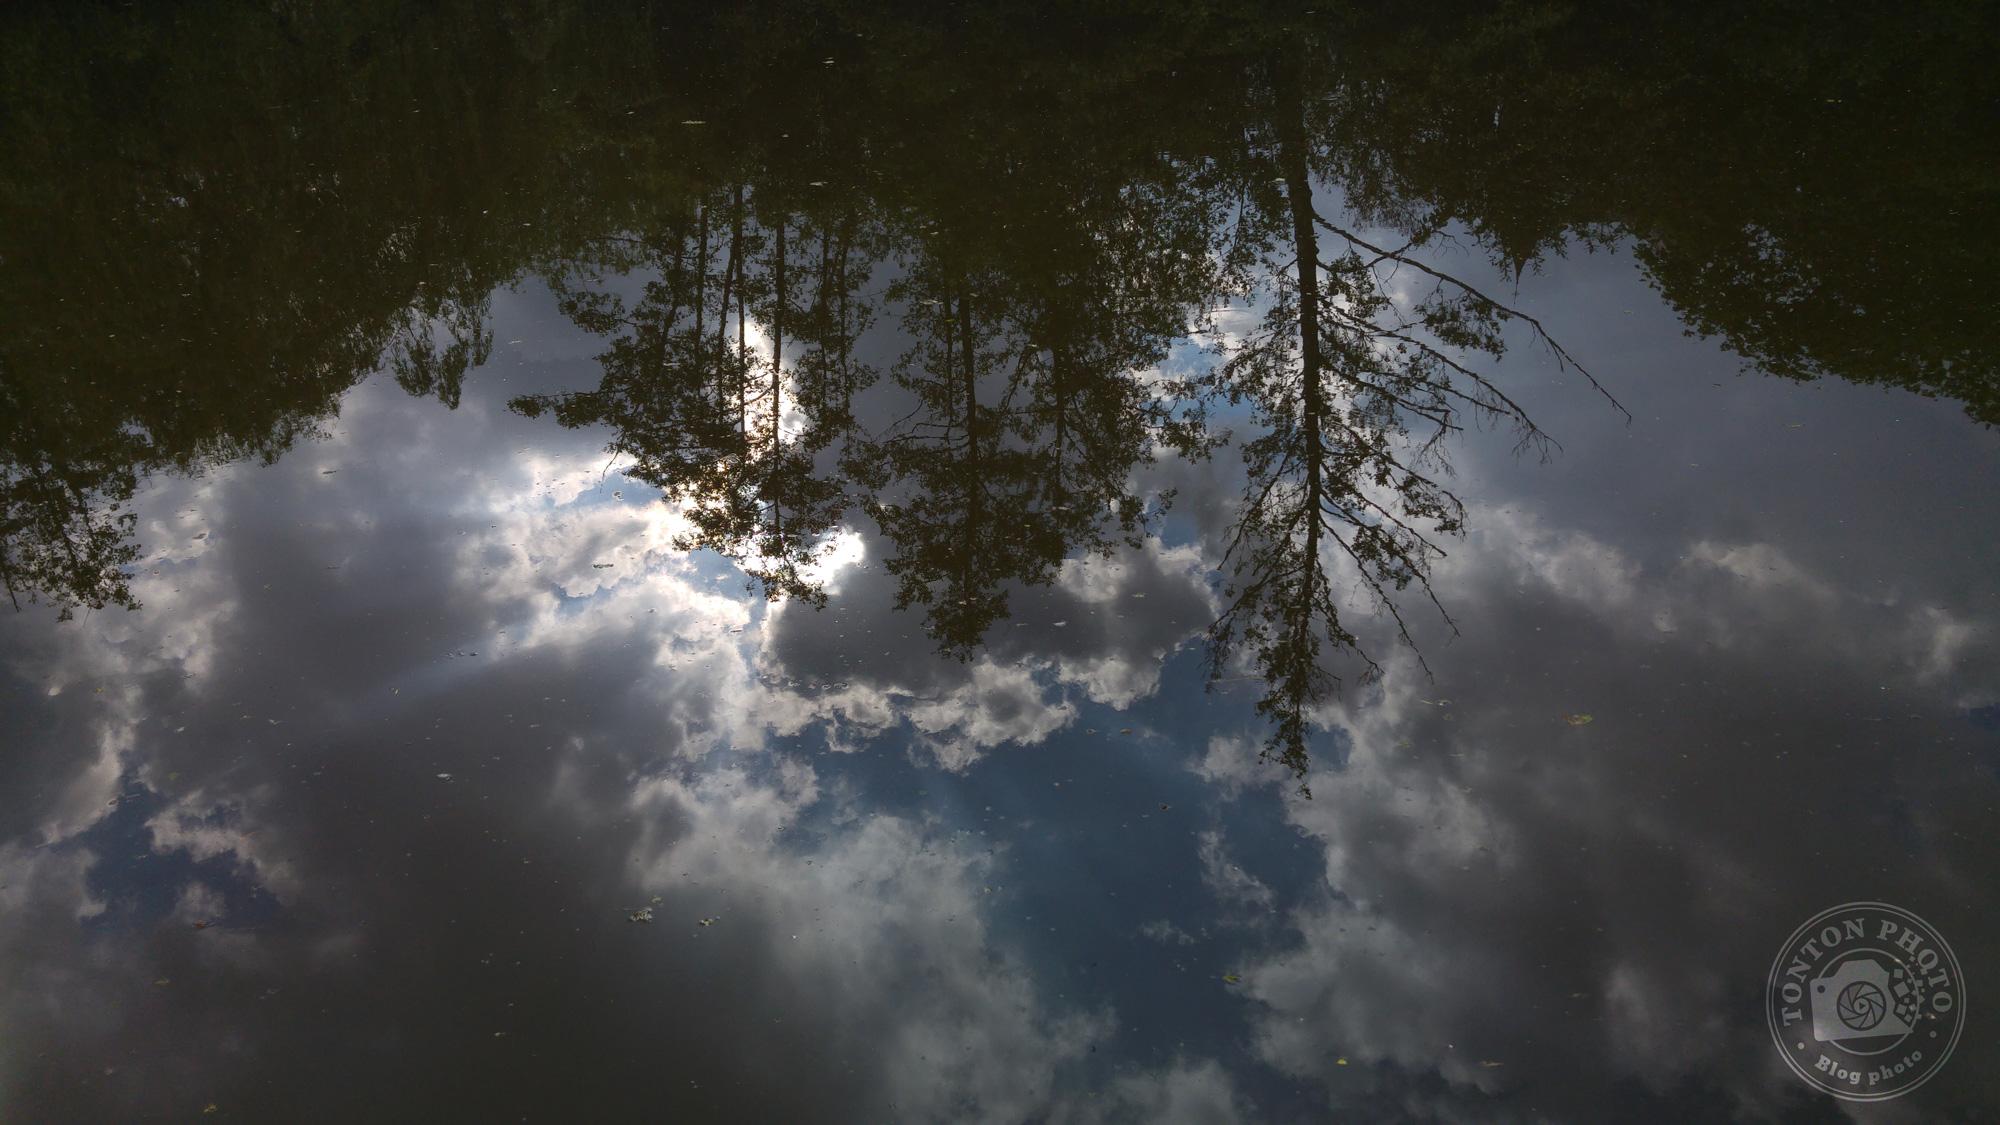 Test du photophone LG G4 : Sous-exposition volontaire pour donner un côté dramatique à ce reflet sur la rivière. F/1.8 - 1/1000 - ISO 50 © Clément Racineux / Tonton Photo